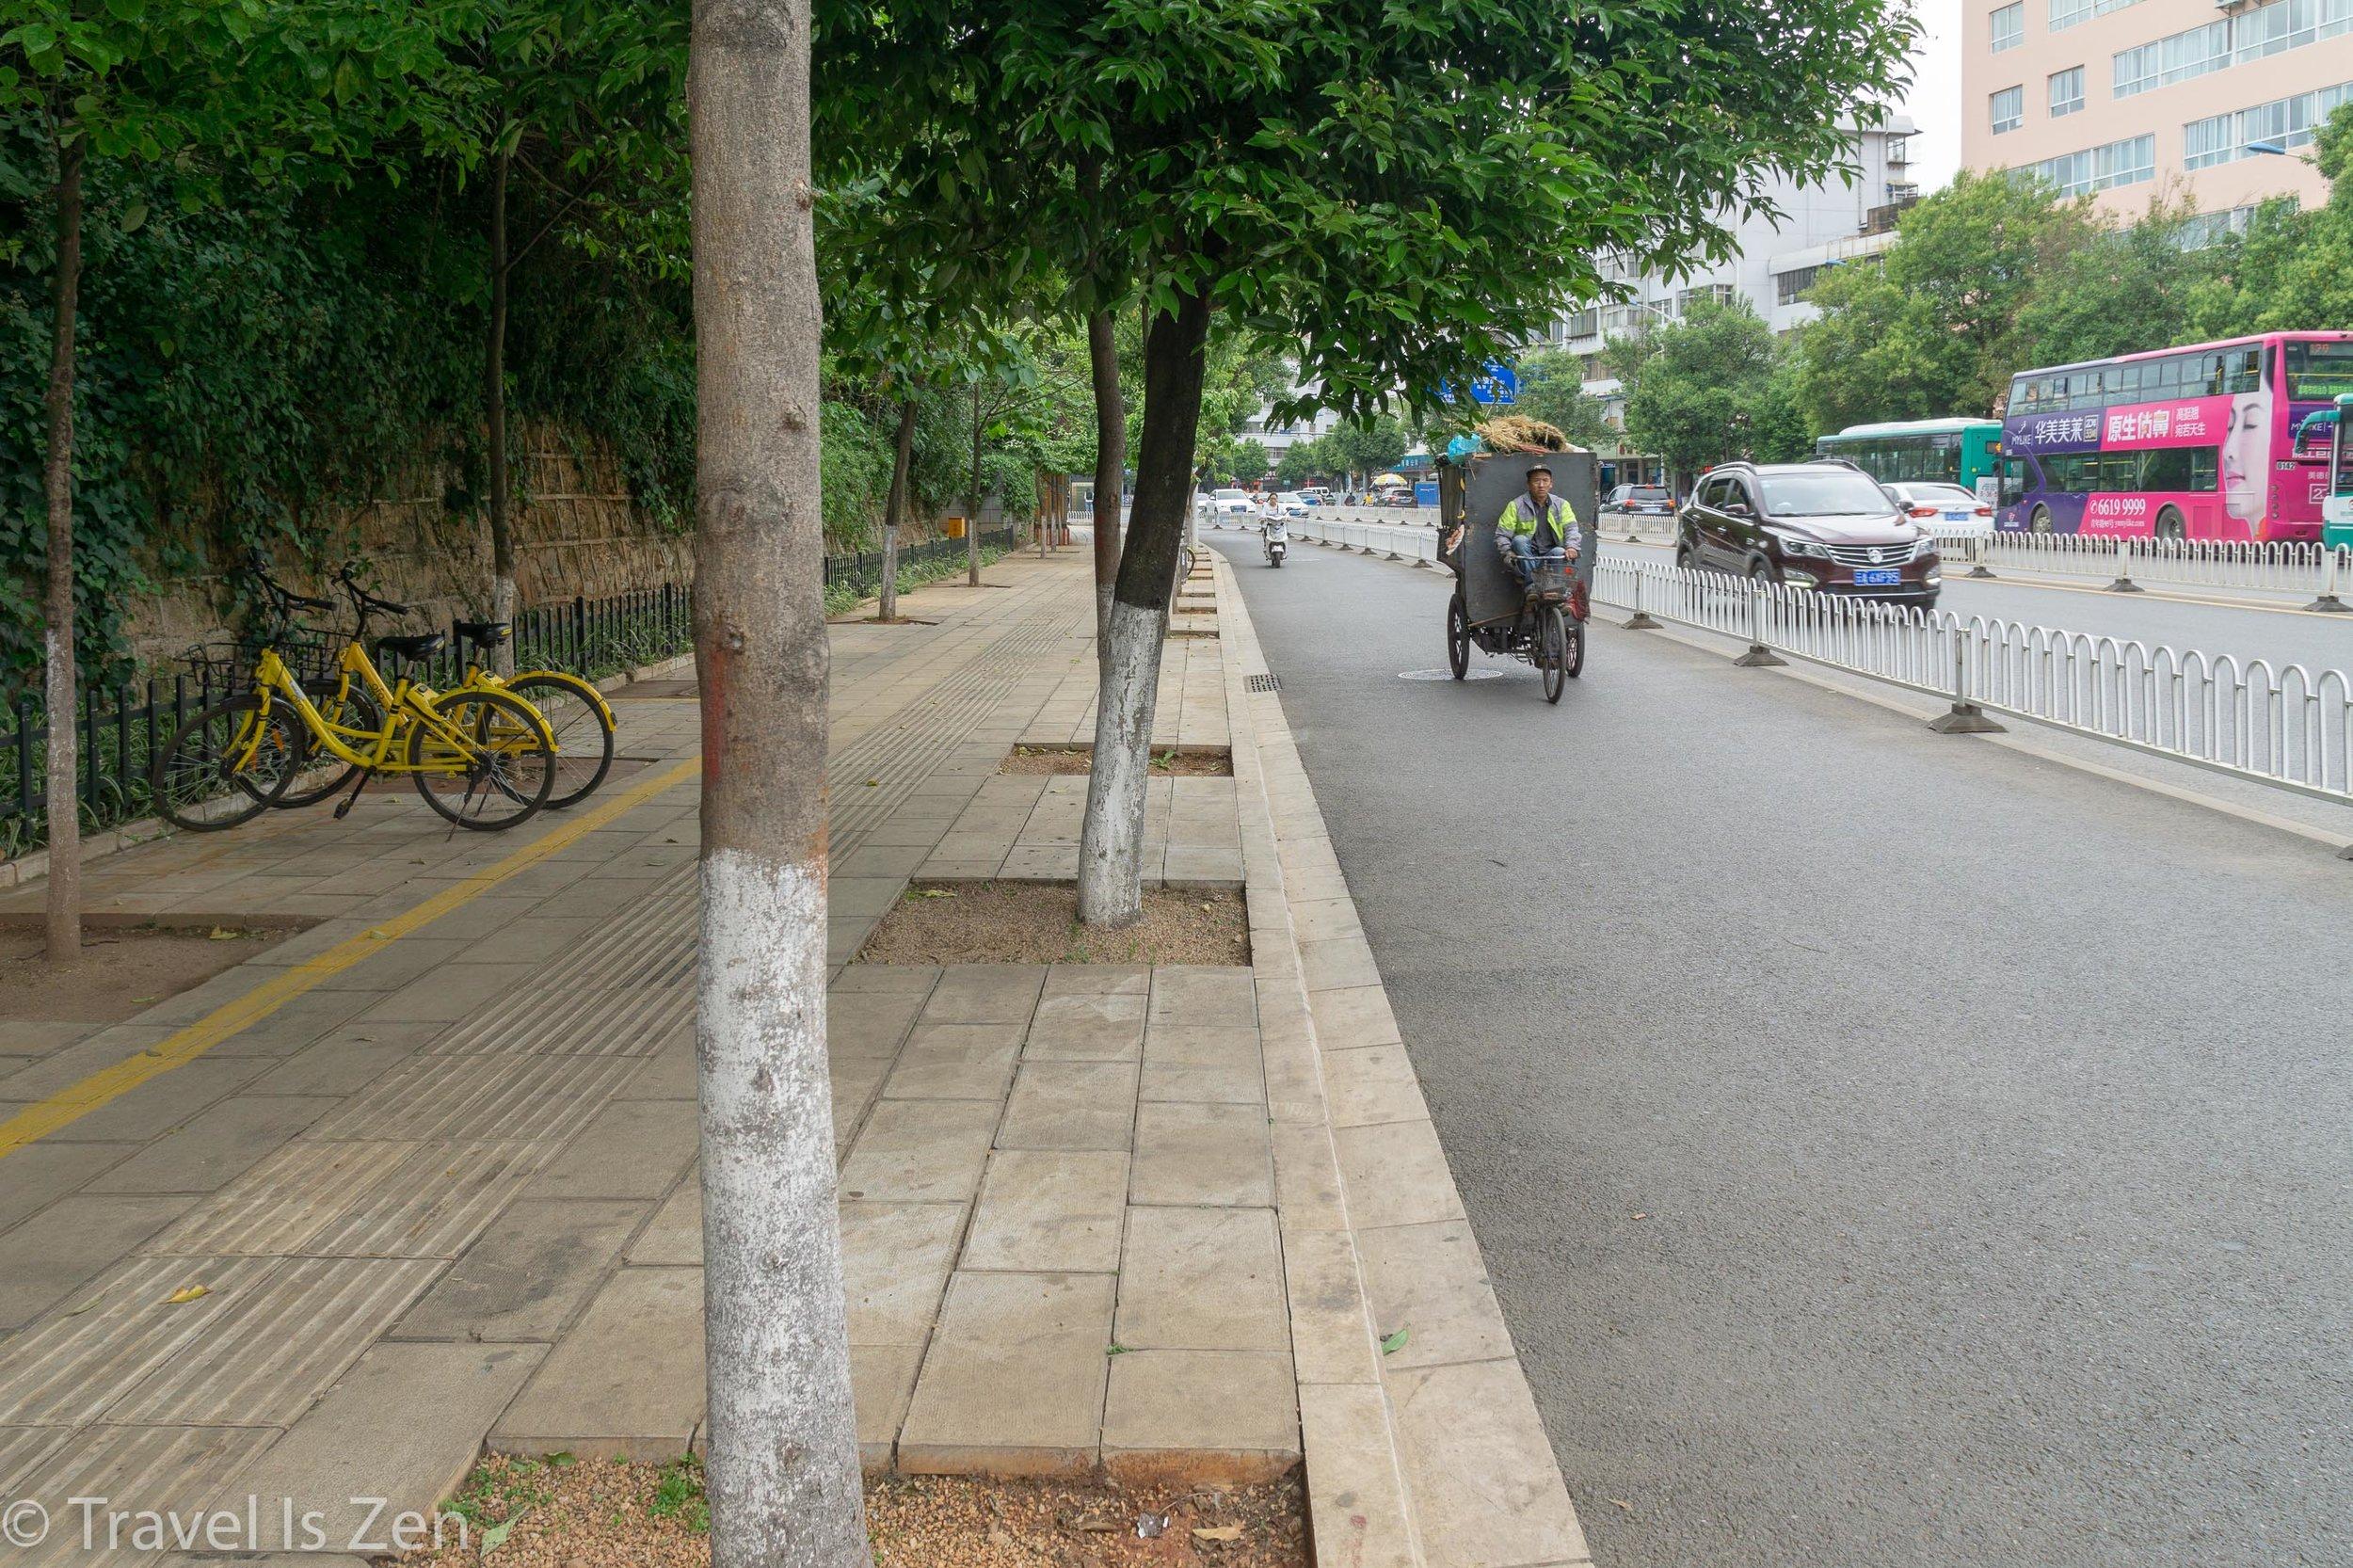 sidewalks, bike lines, car lanes